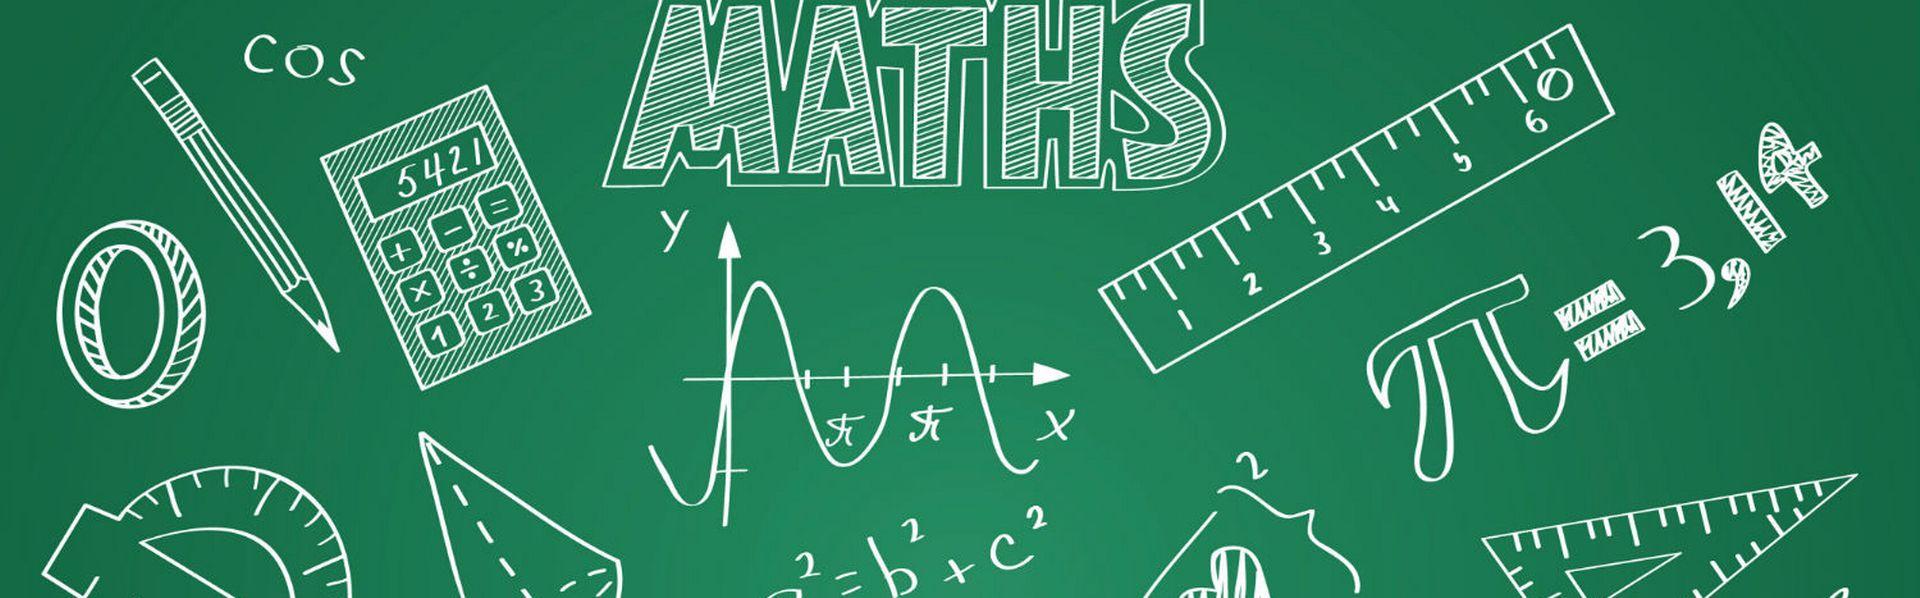 Le dossier sur les mathématiques de RTS Découverte. [© meon04 - Fotolia.com]